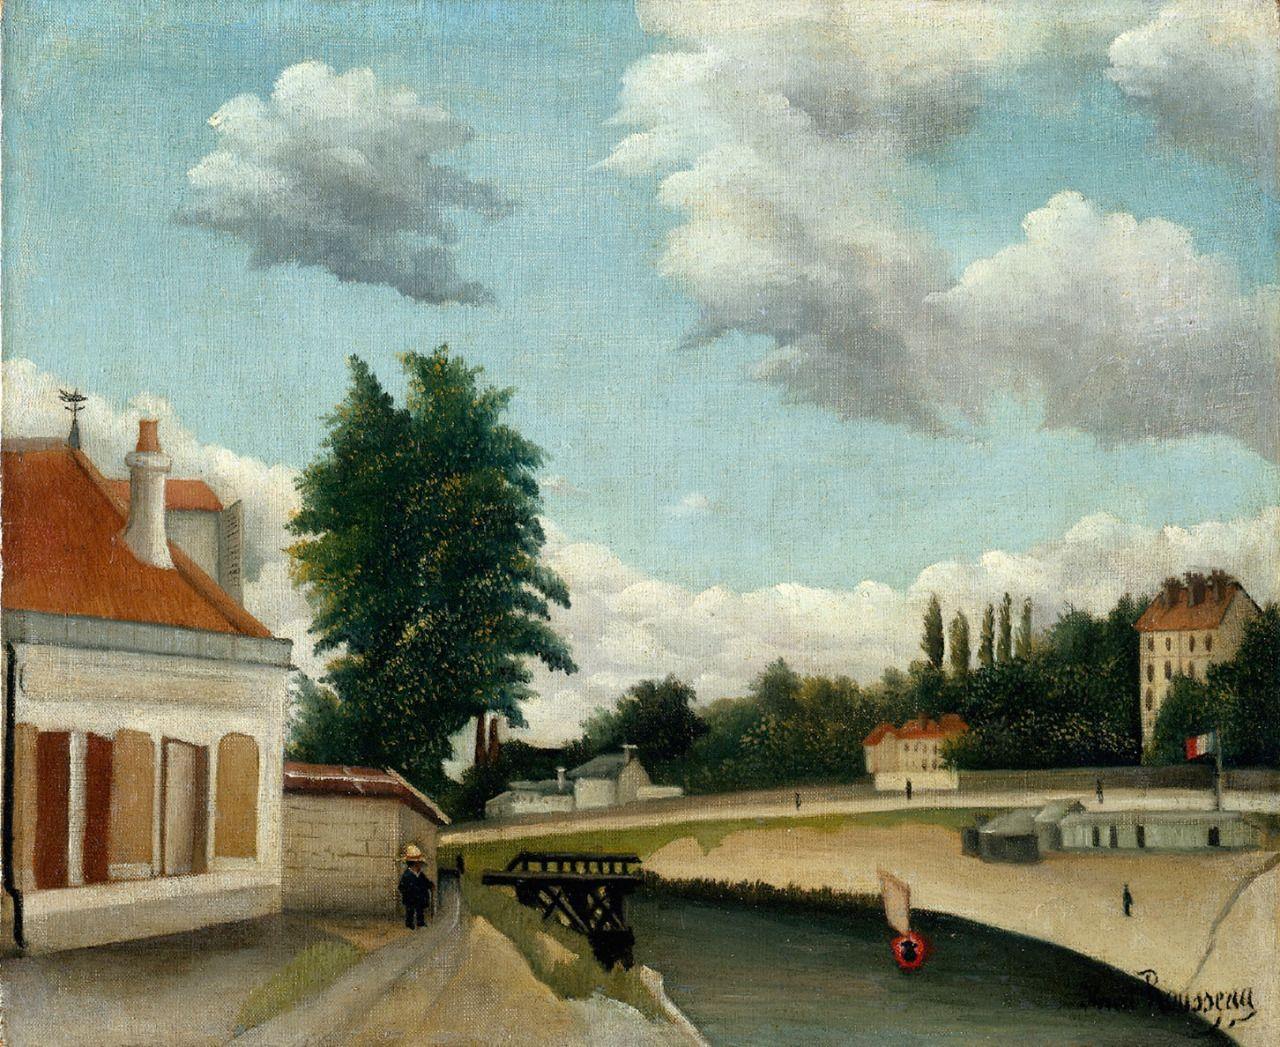 La Seine à Meudon, c. 1893-1900. Henri Rousseau. Oil on canvas